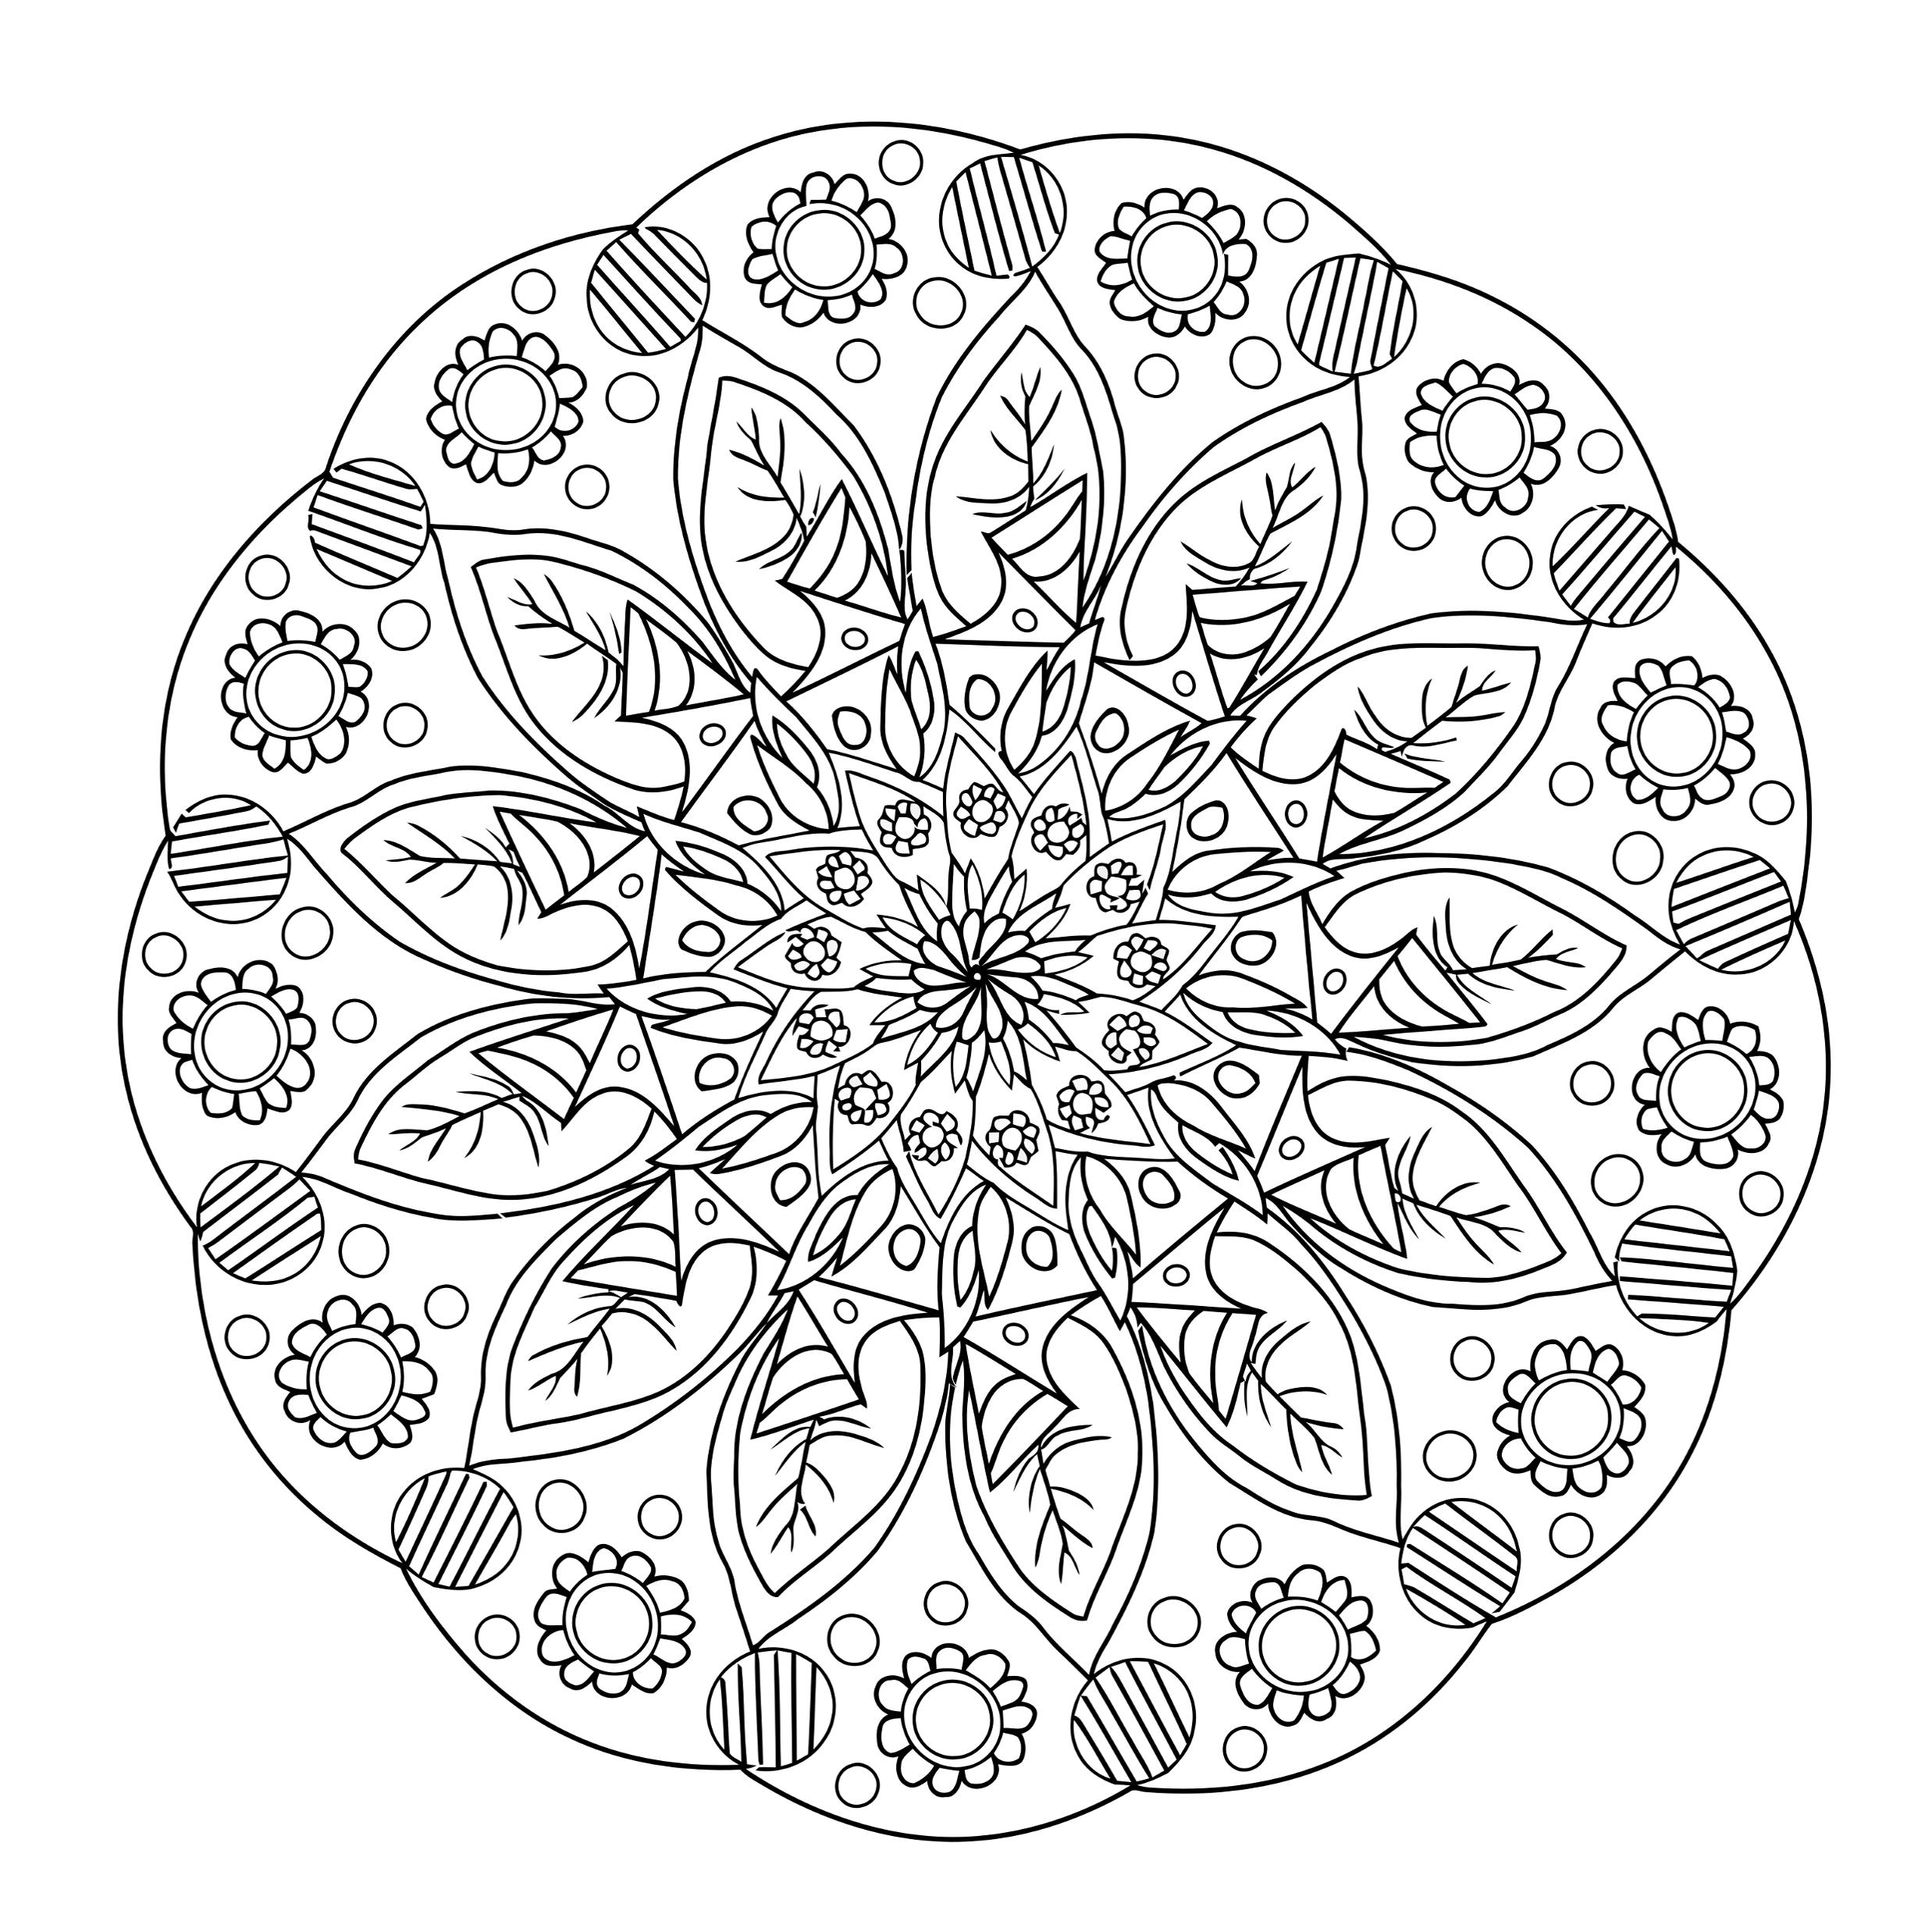 Kostenlose Mandalavorlagen zum herunterladen. #Mandala #Vorlage ...